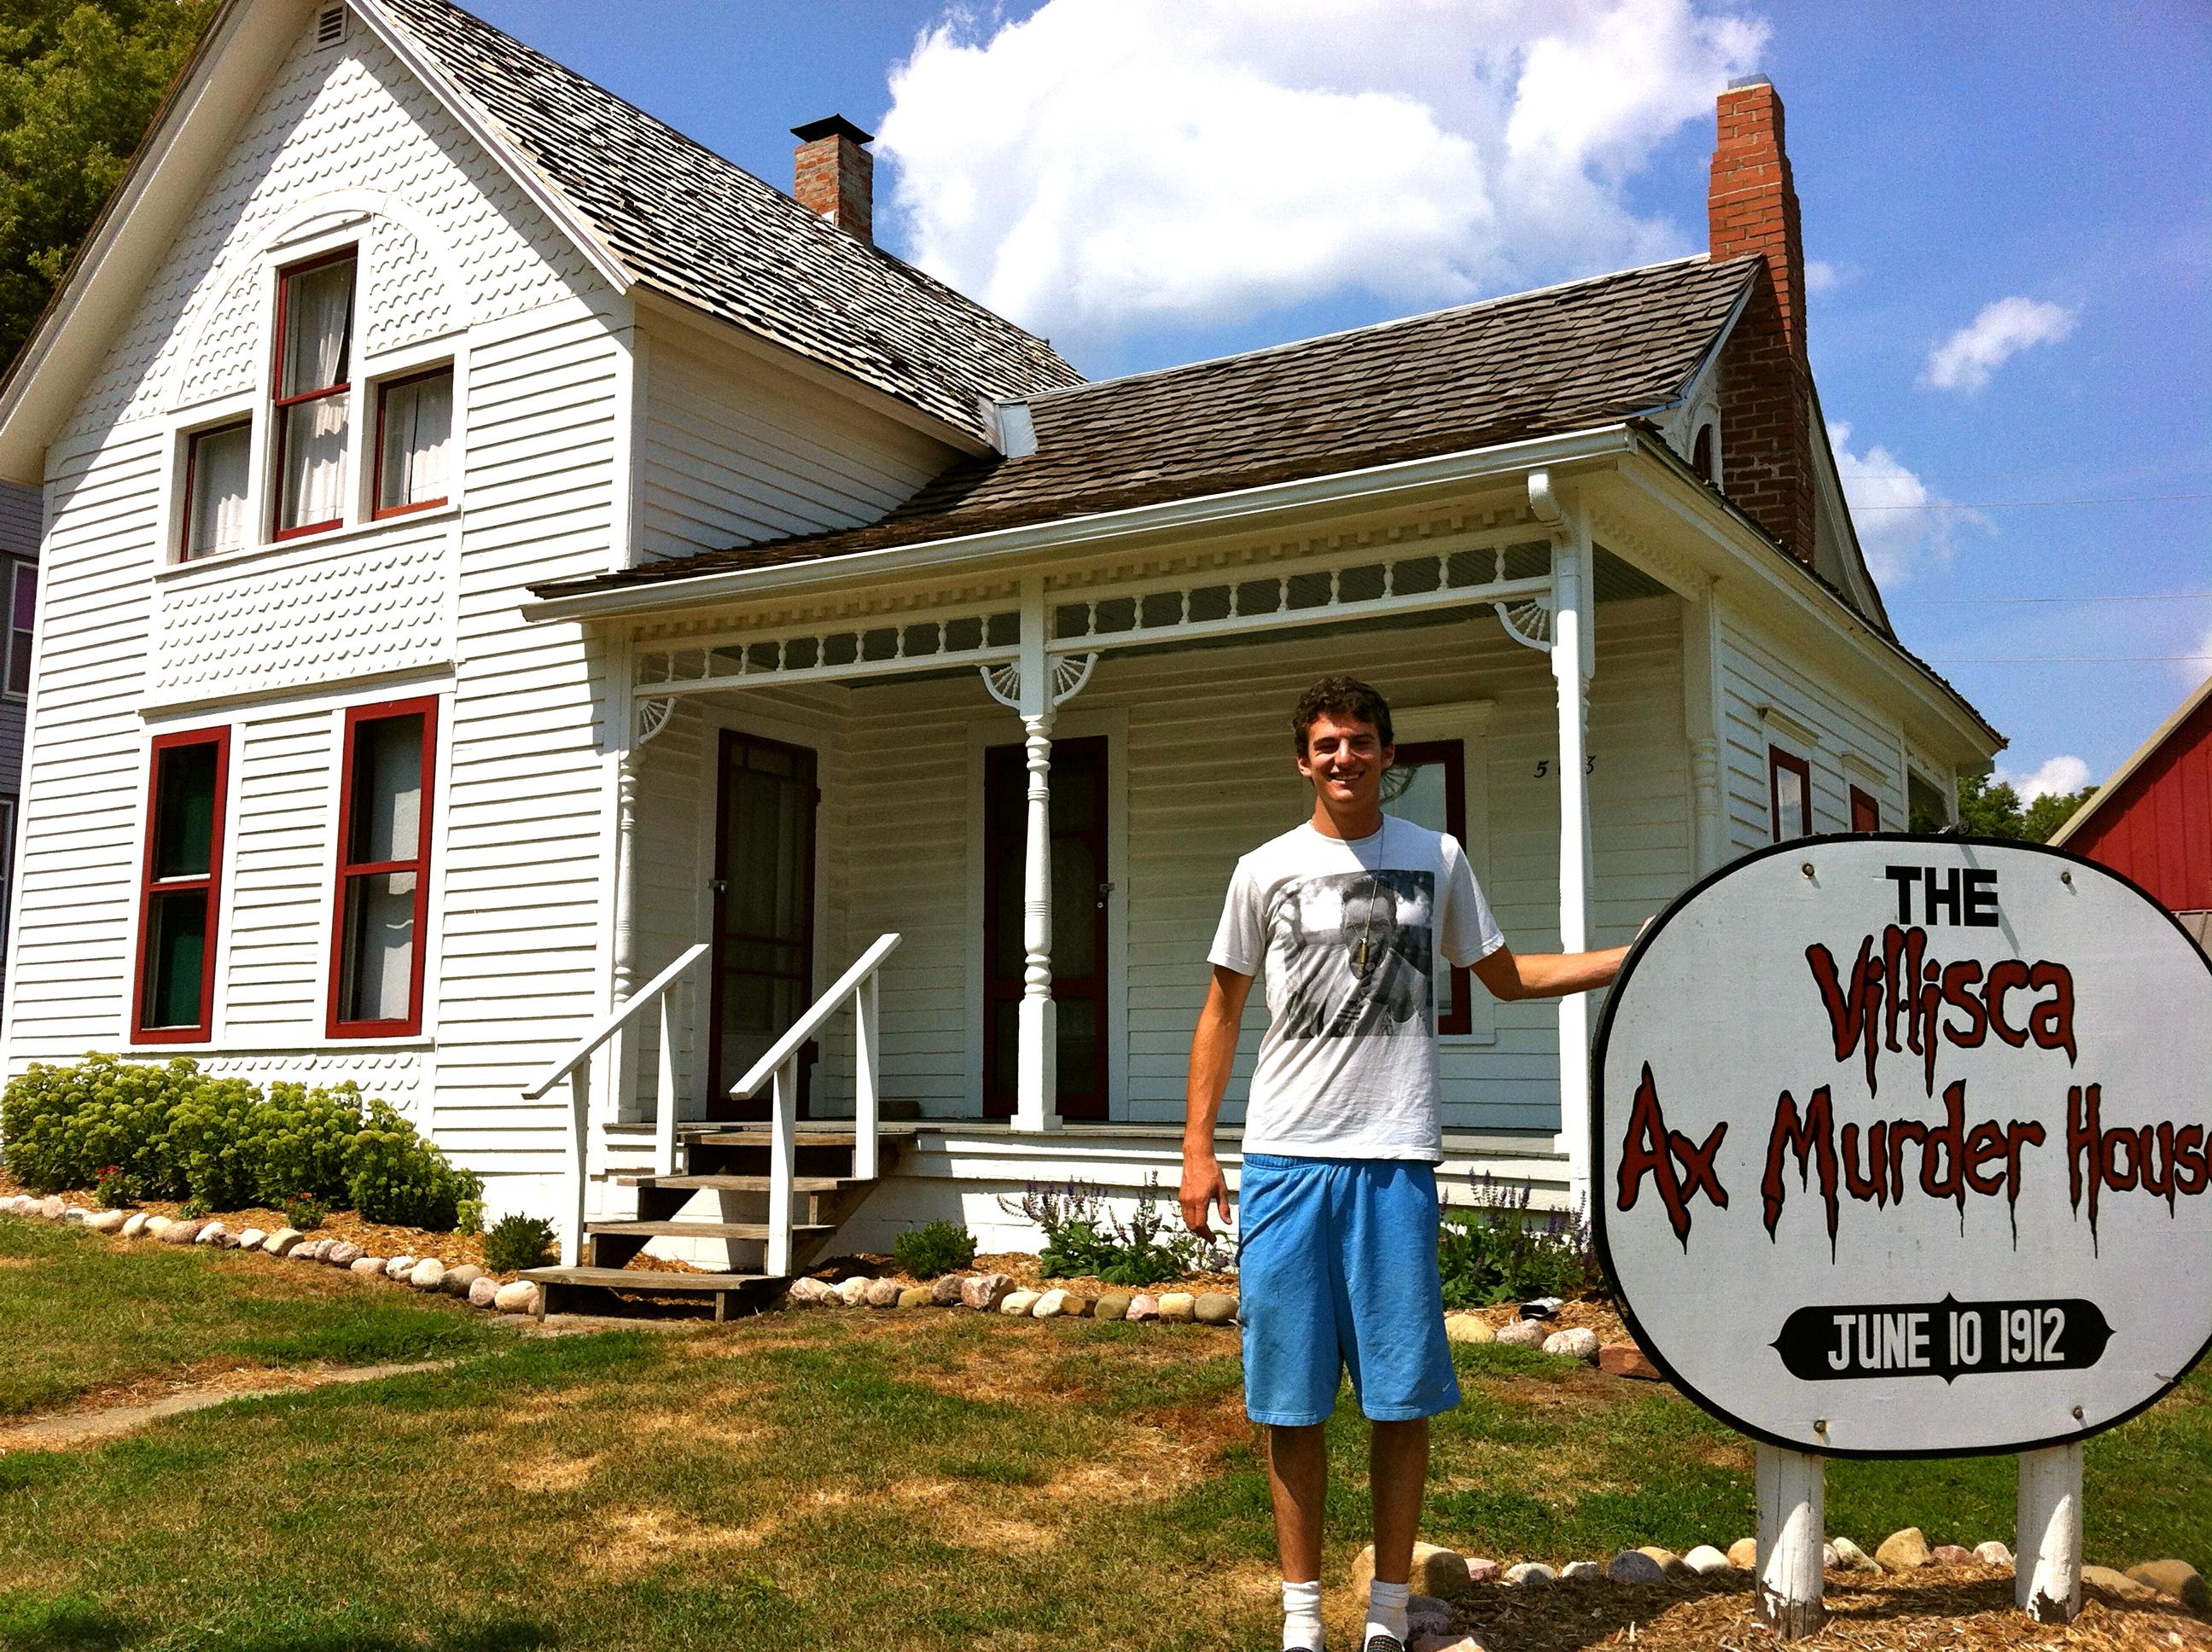 Day Sioux Falls Axe Murder House Kansas City